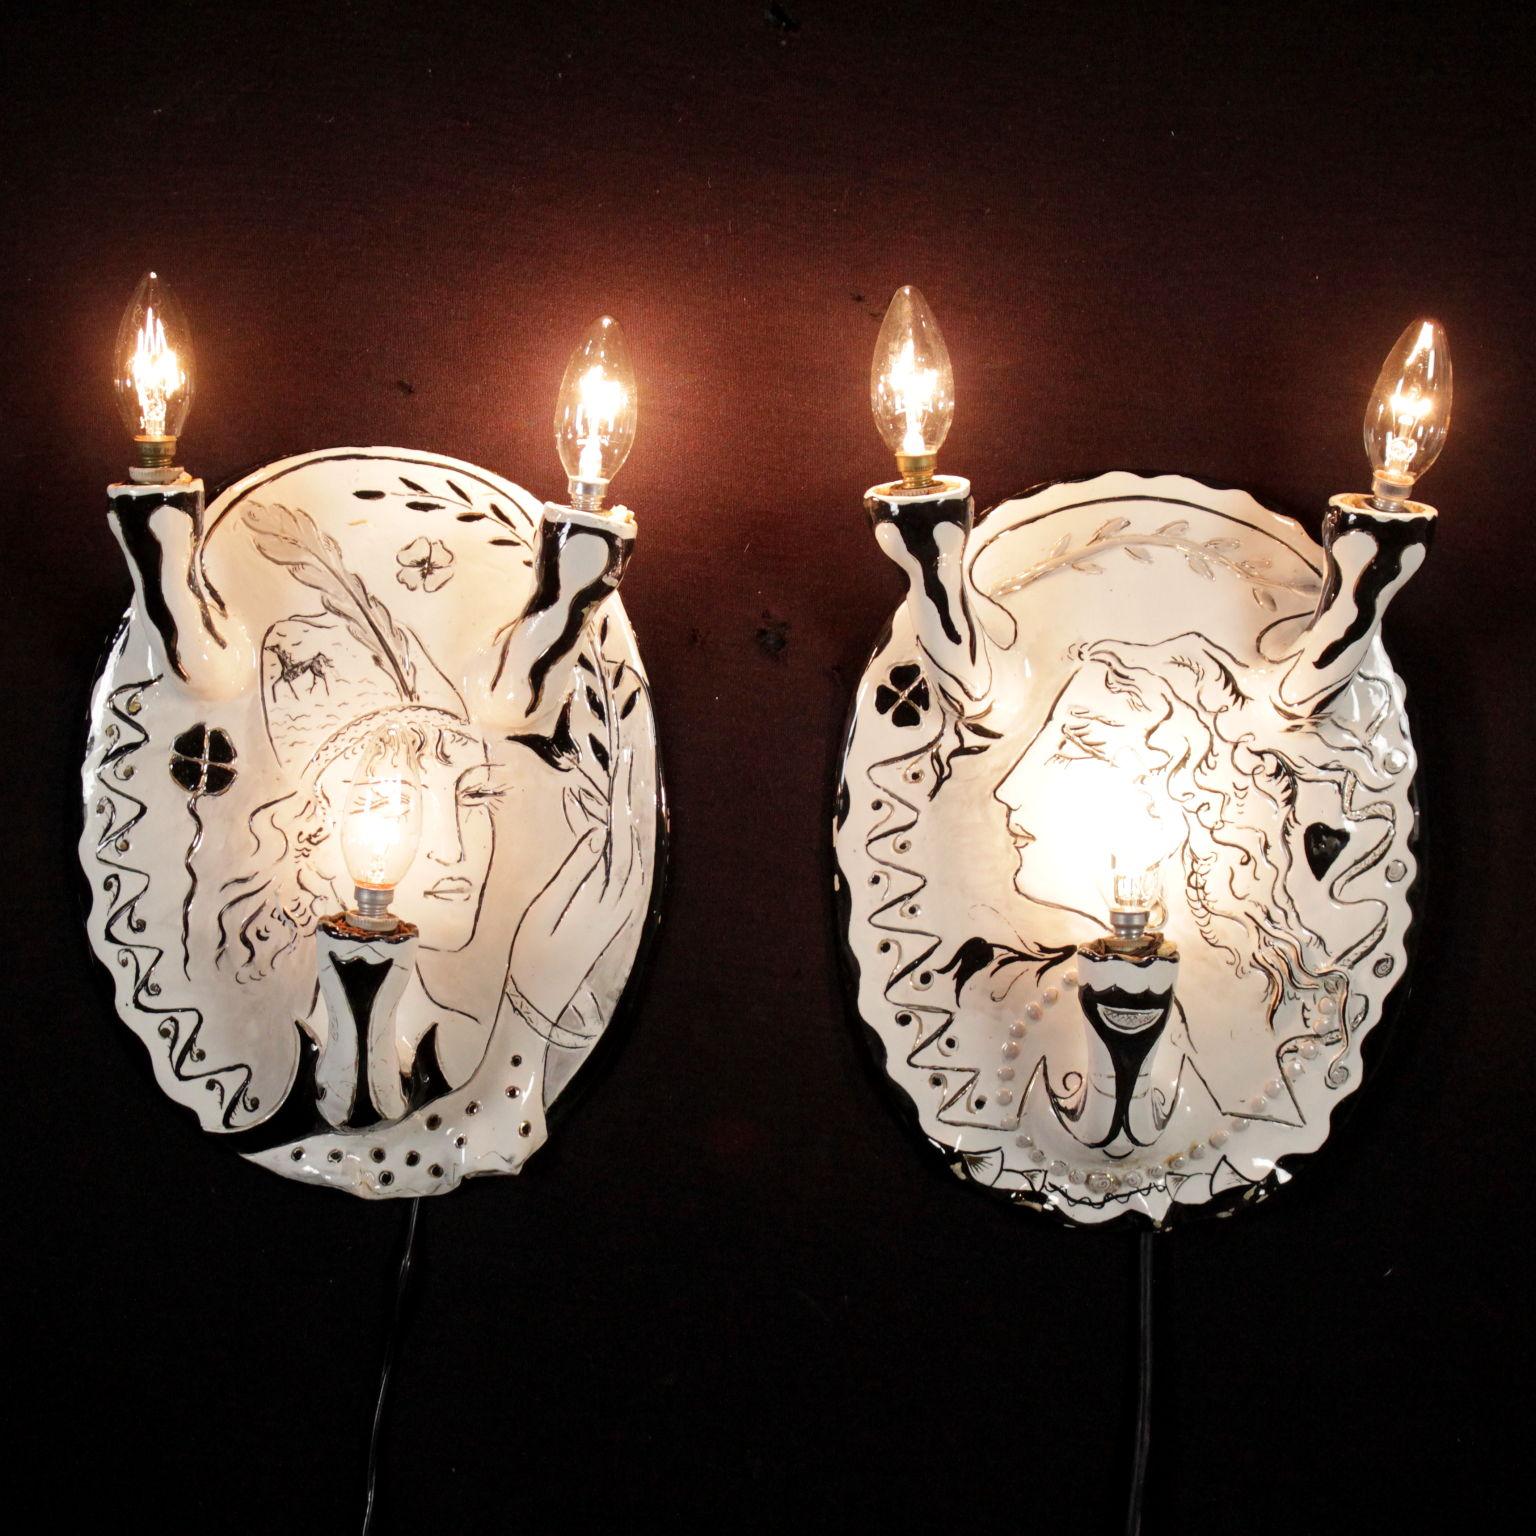 Lampen 70 80 jahre beleuchtung modernes design for Lampen 90er jahre